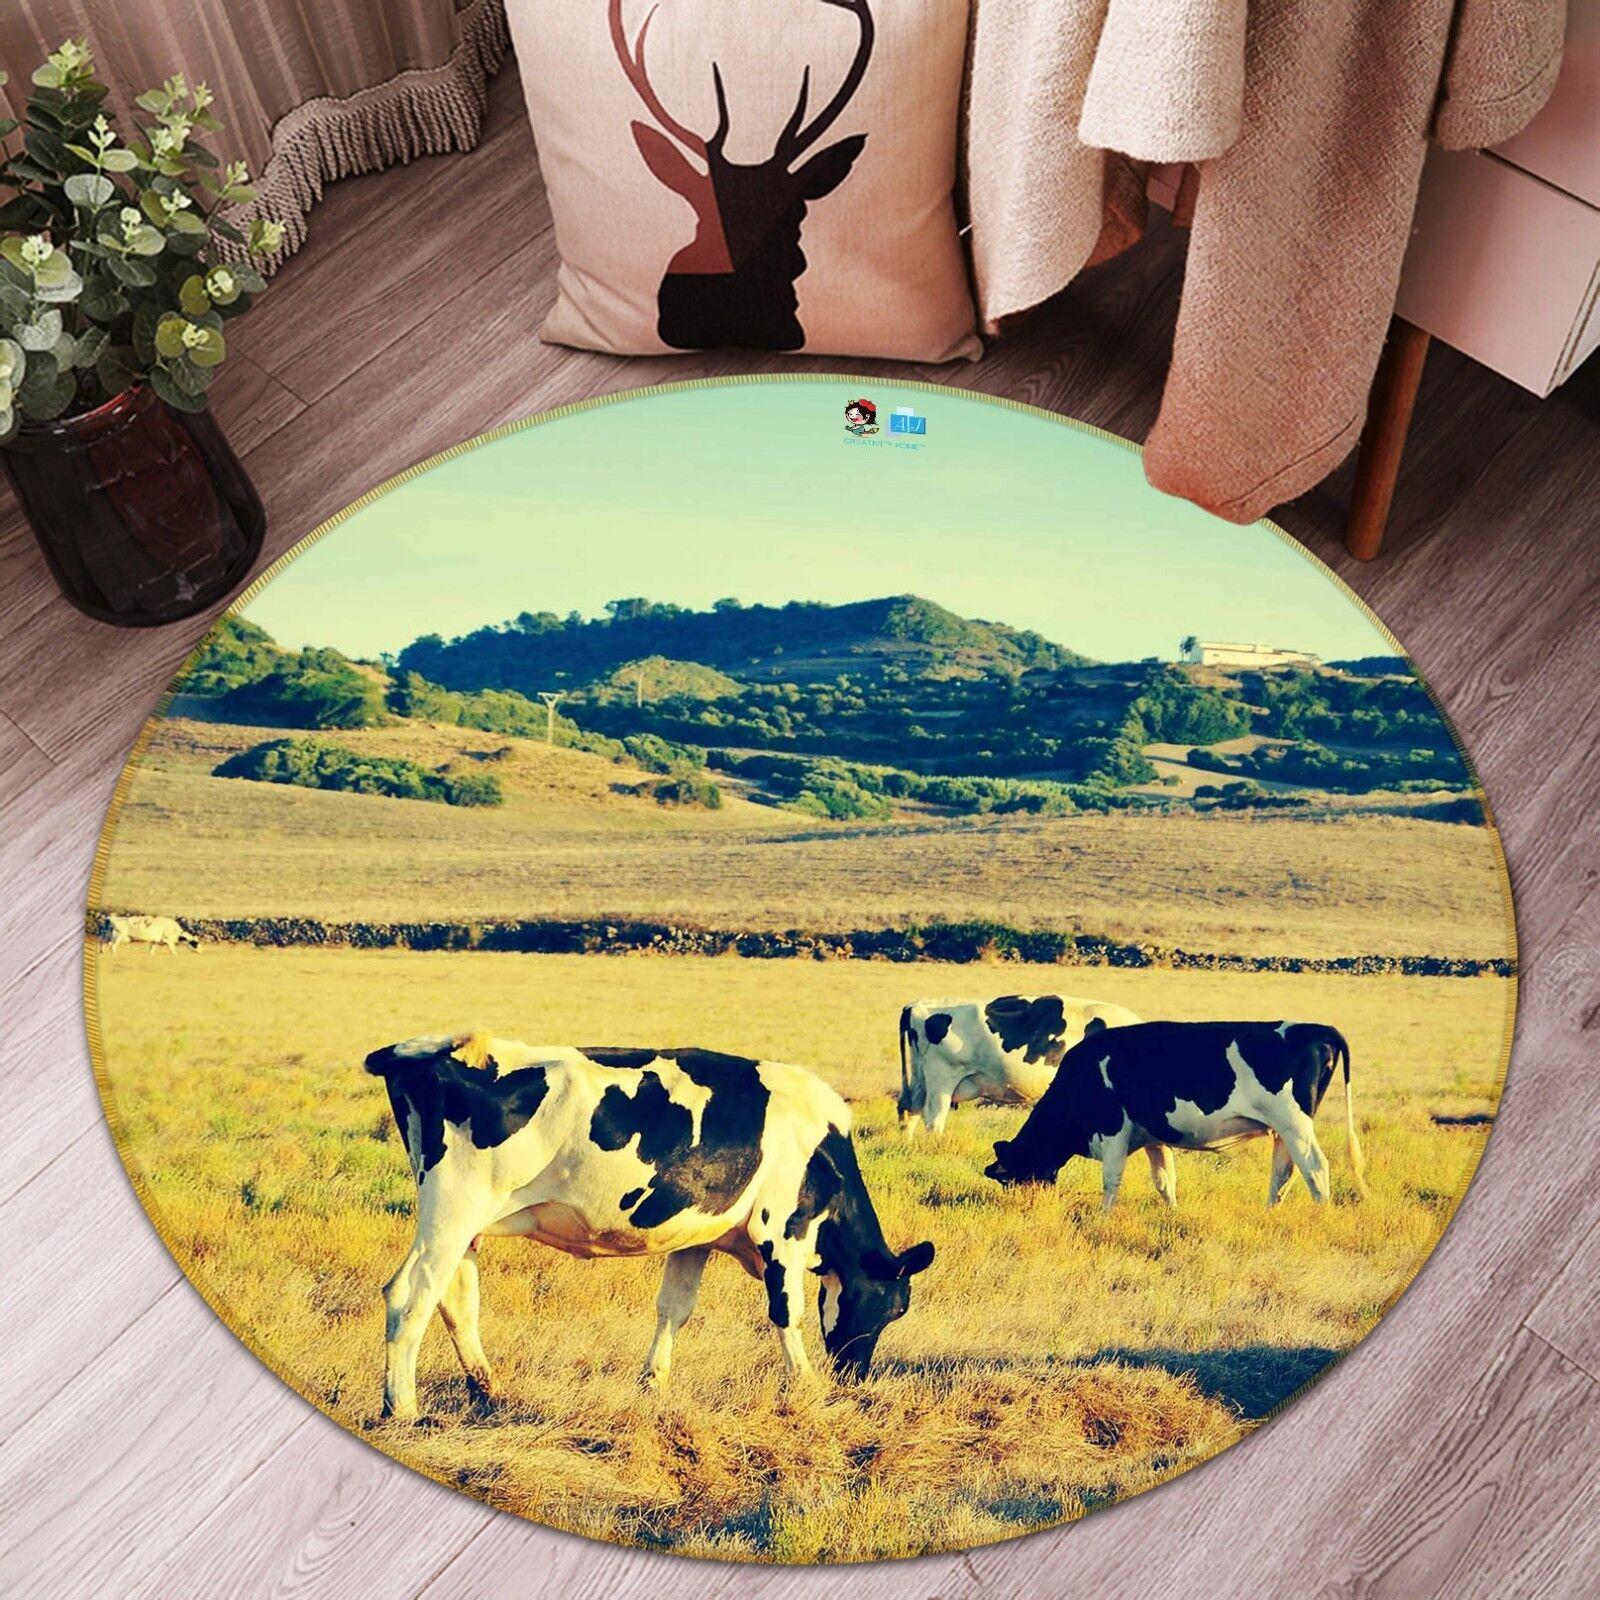 3D Vaches 0012 Étage Antidérapant Natte Rond Élégant Tapis FR FR FR Summer   Durable Dans L'utilisation  022606